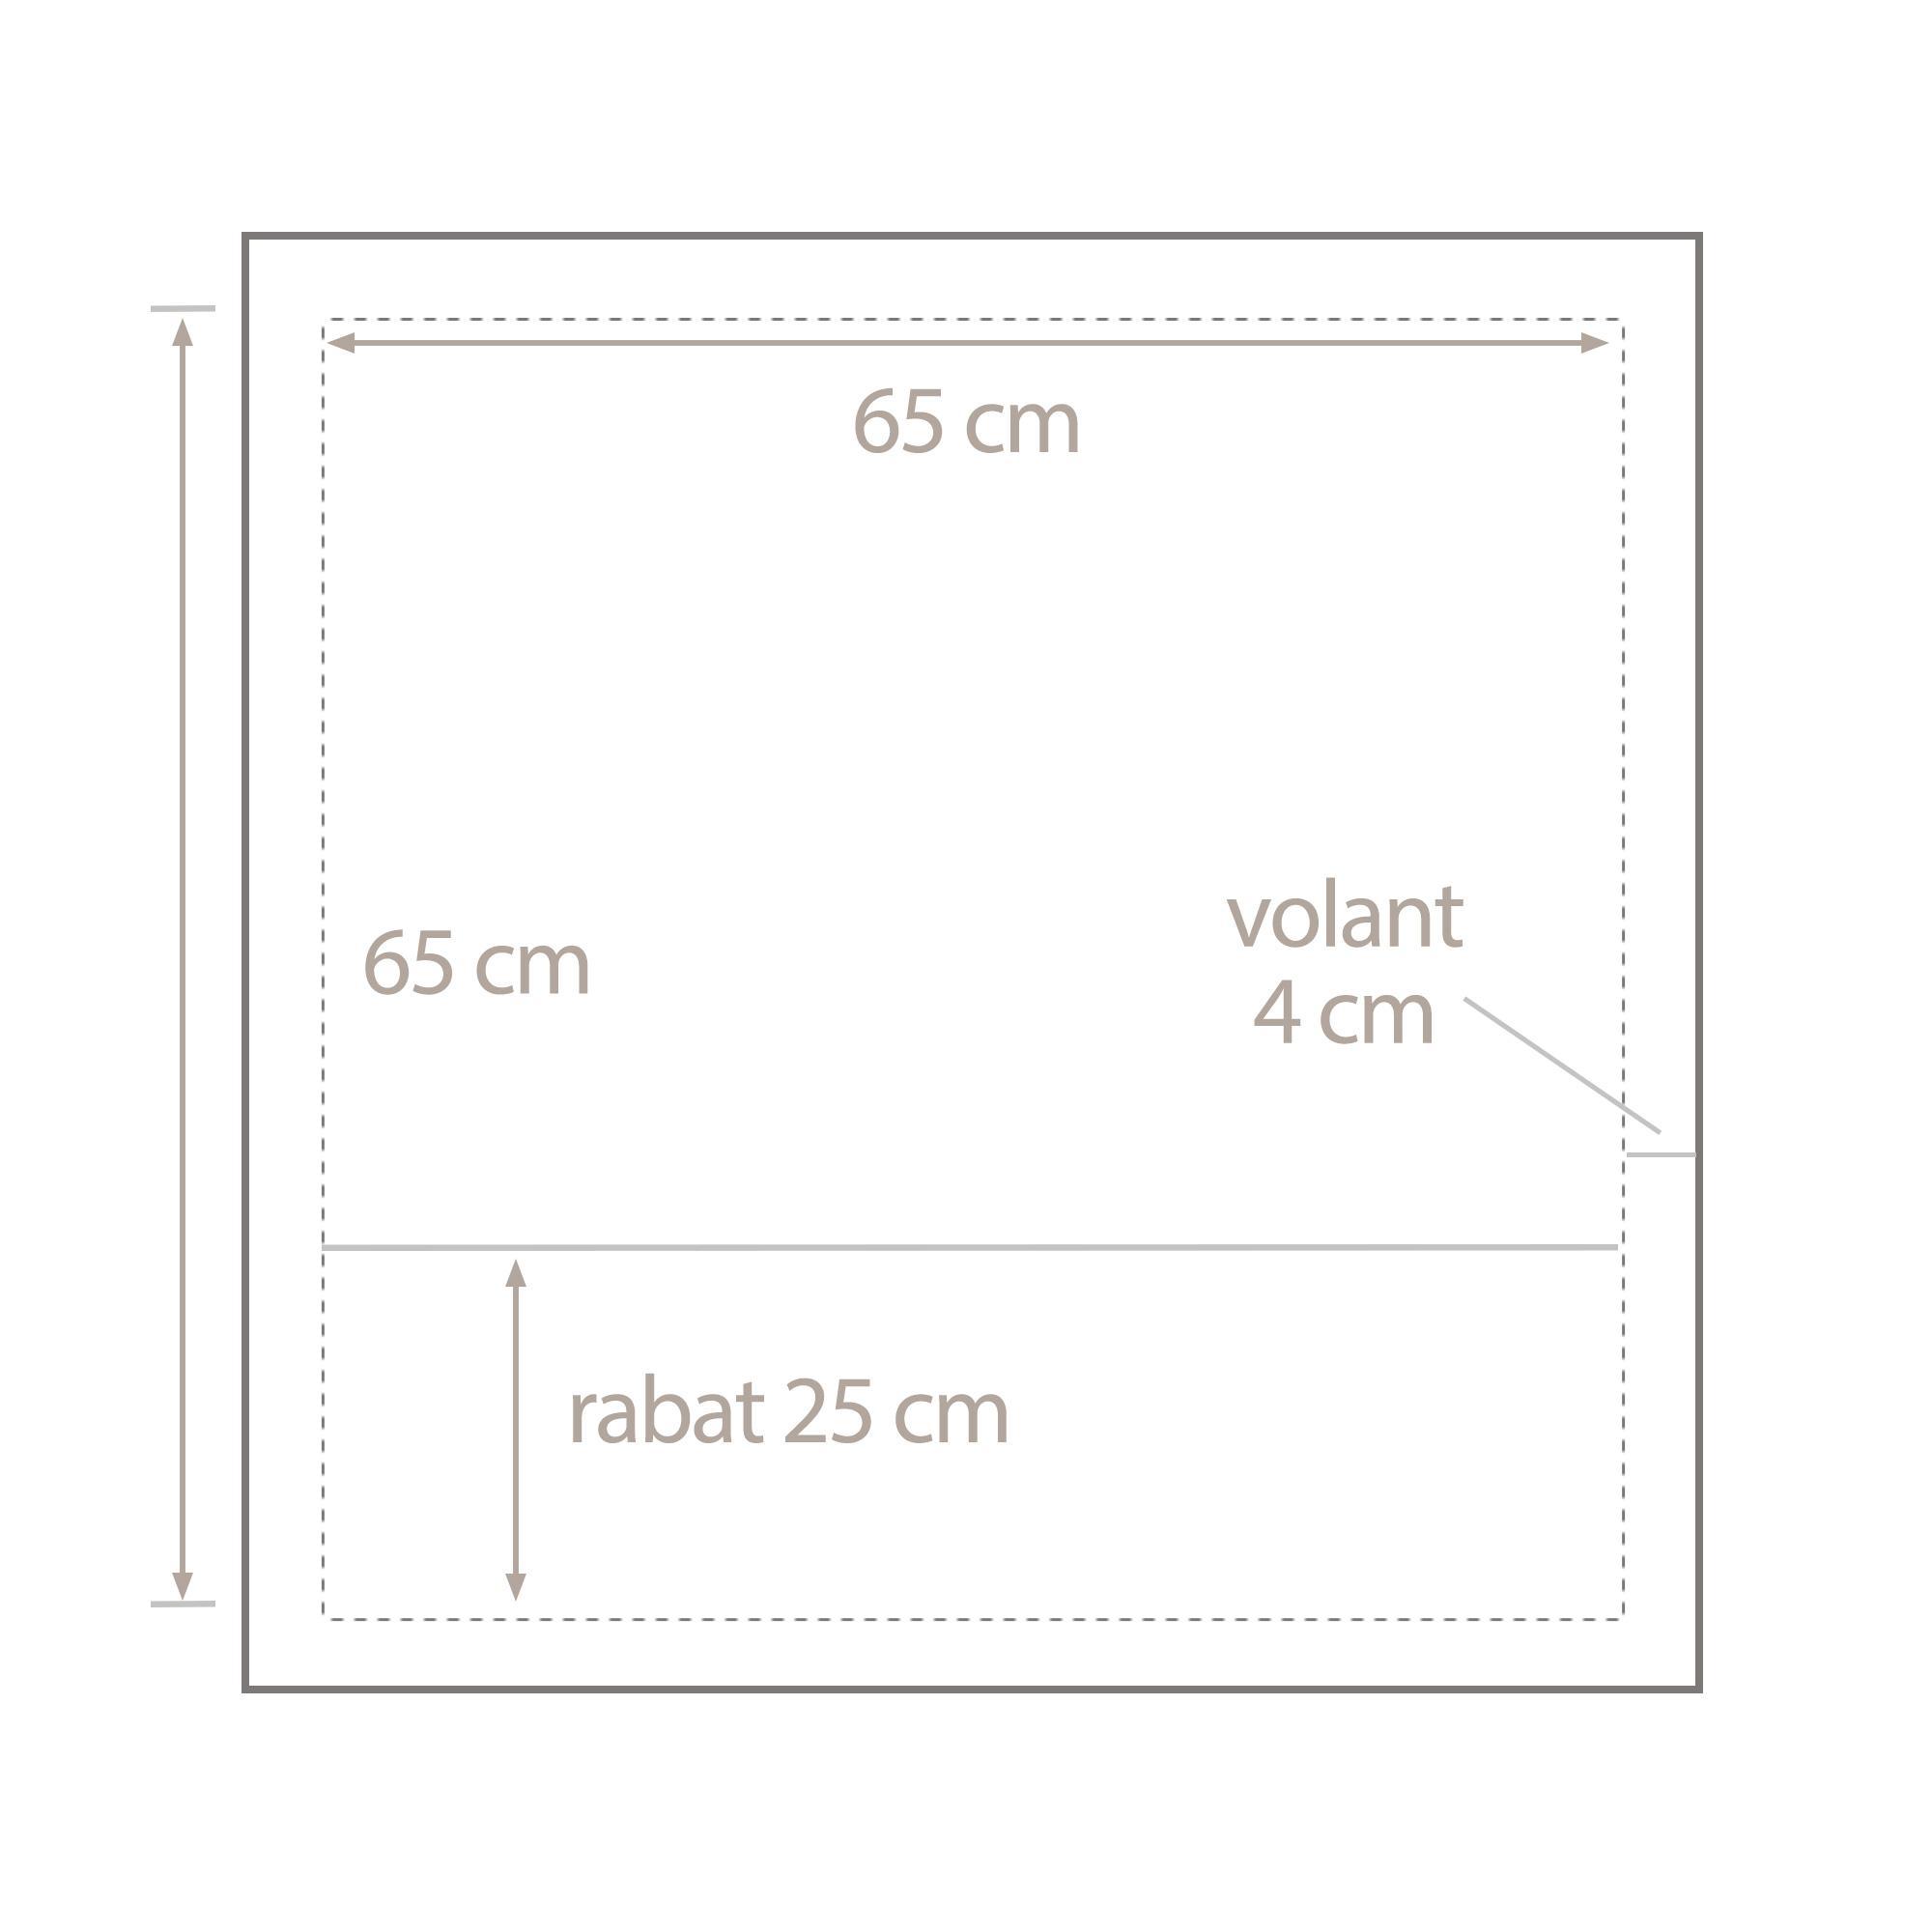 taie d 39 oreiller 65x65 satin de coton vendome bleu fonc ebay. Black Bedroom Furniture Sets. Home Design Ideas